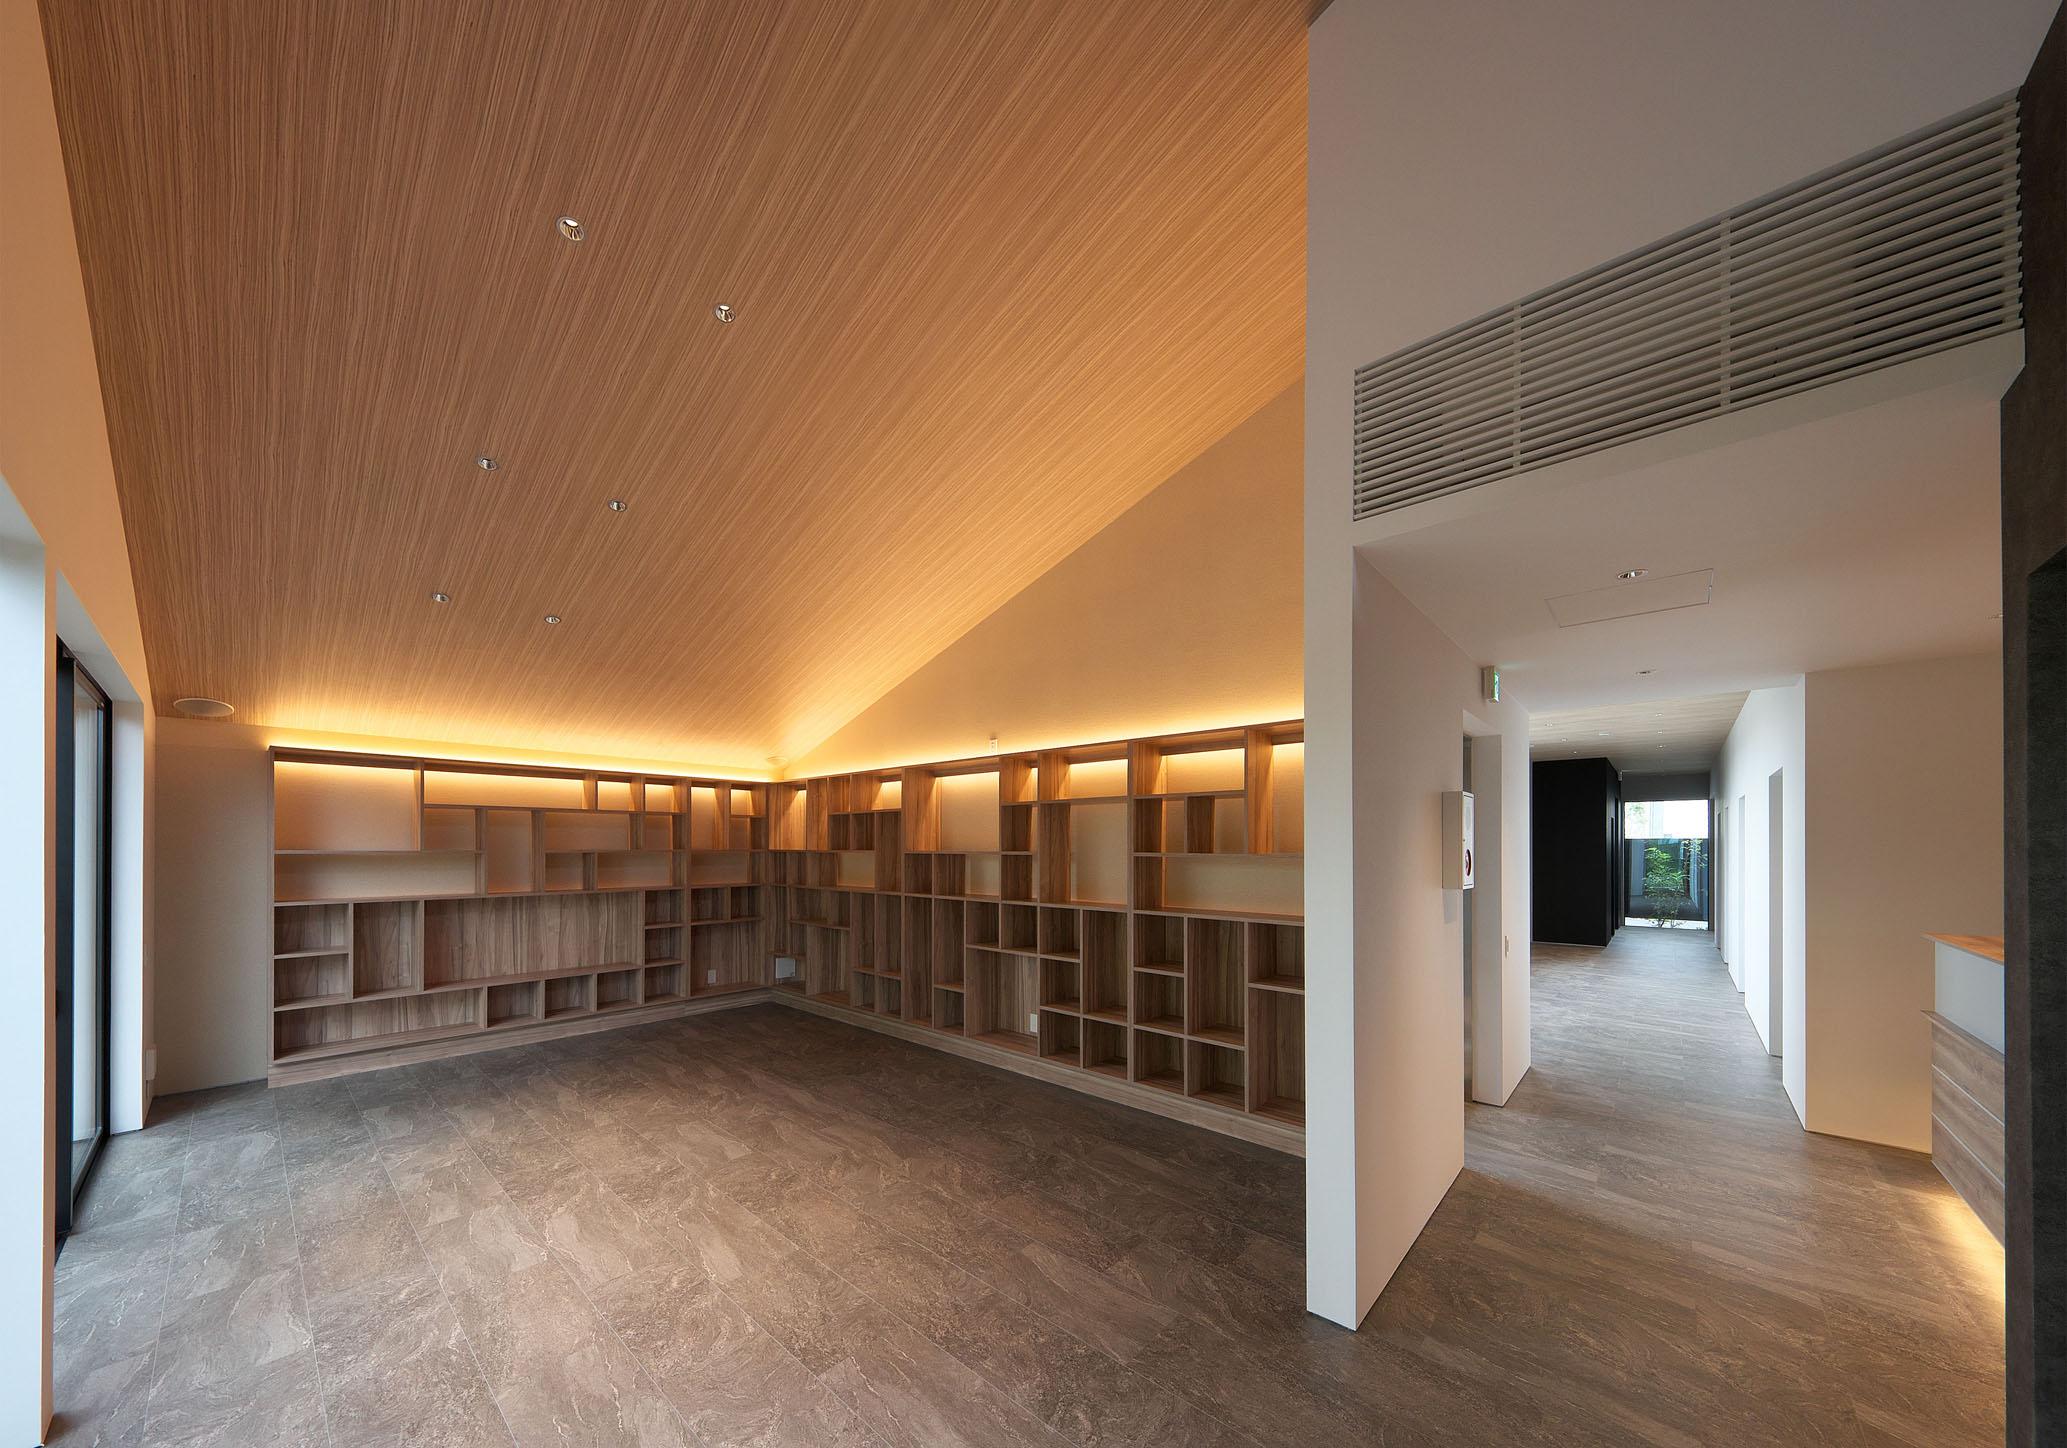 整形外科 クリニックデザイン 待合室 本棚 間接照明 平岡建築デザイン